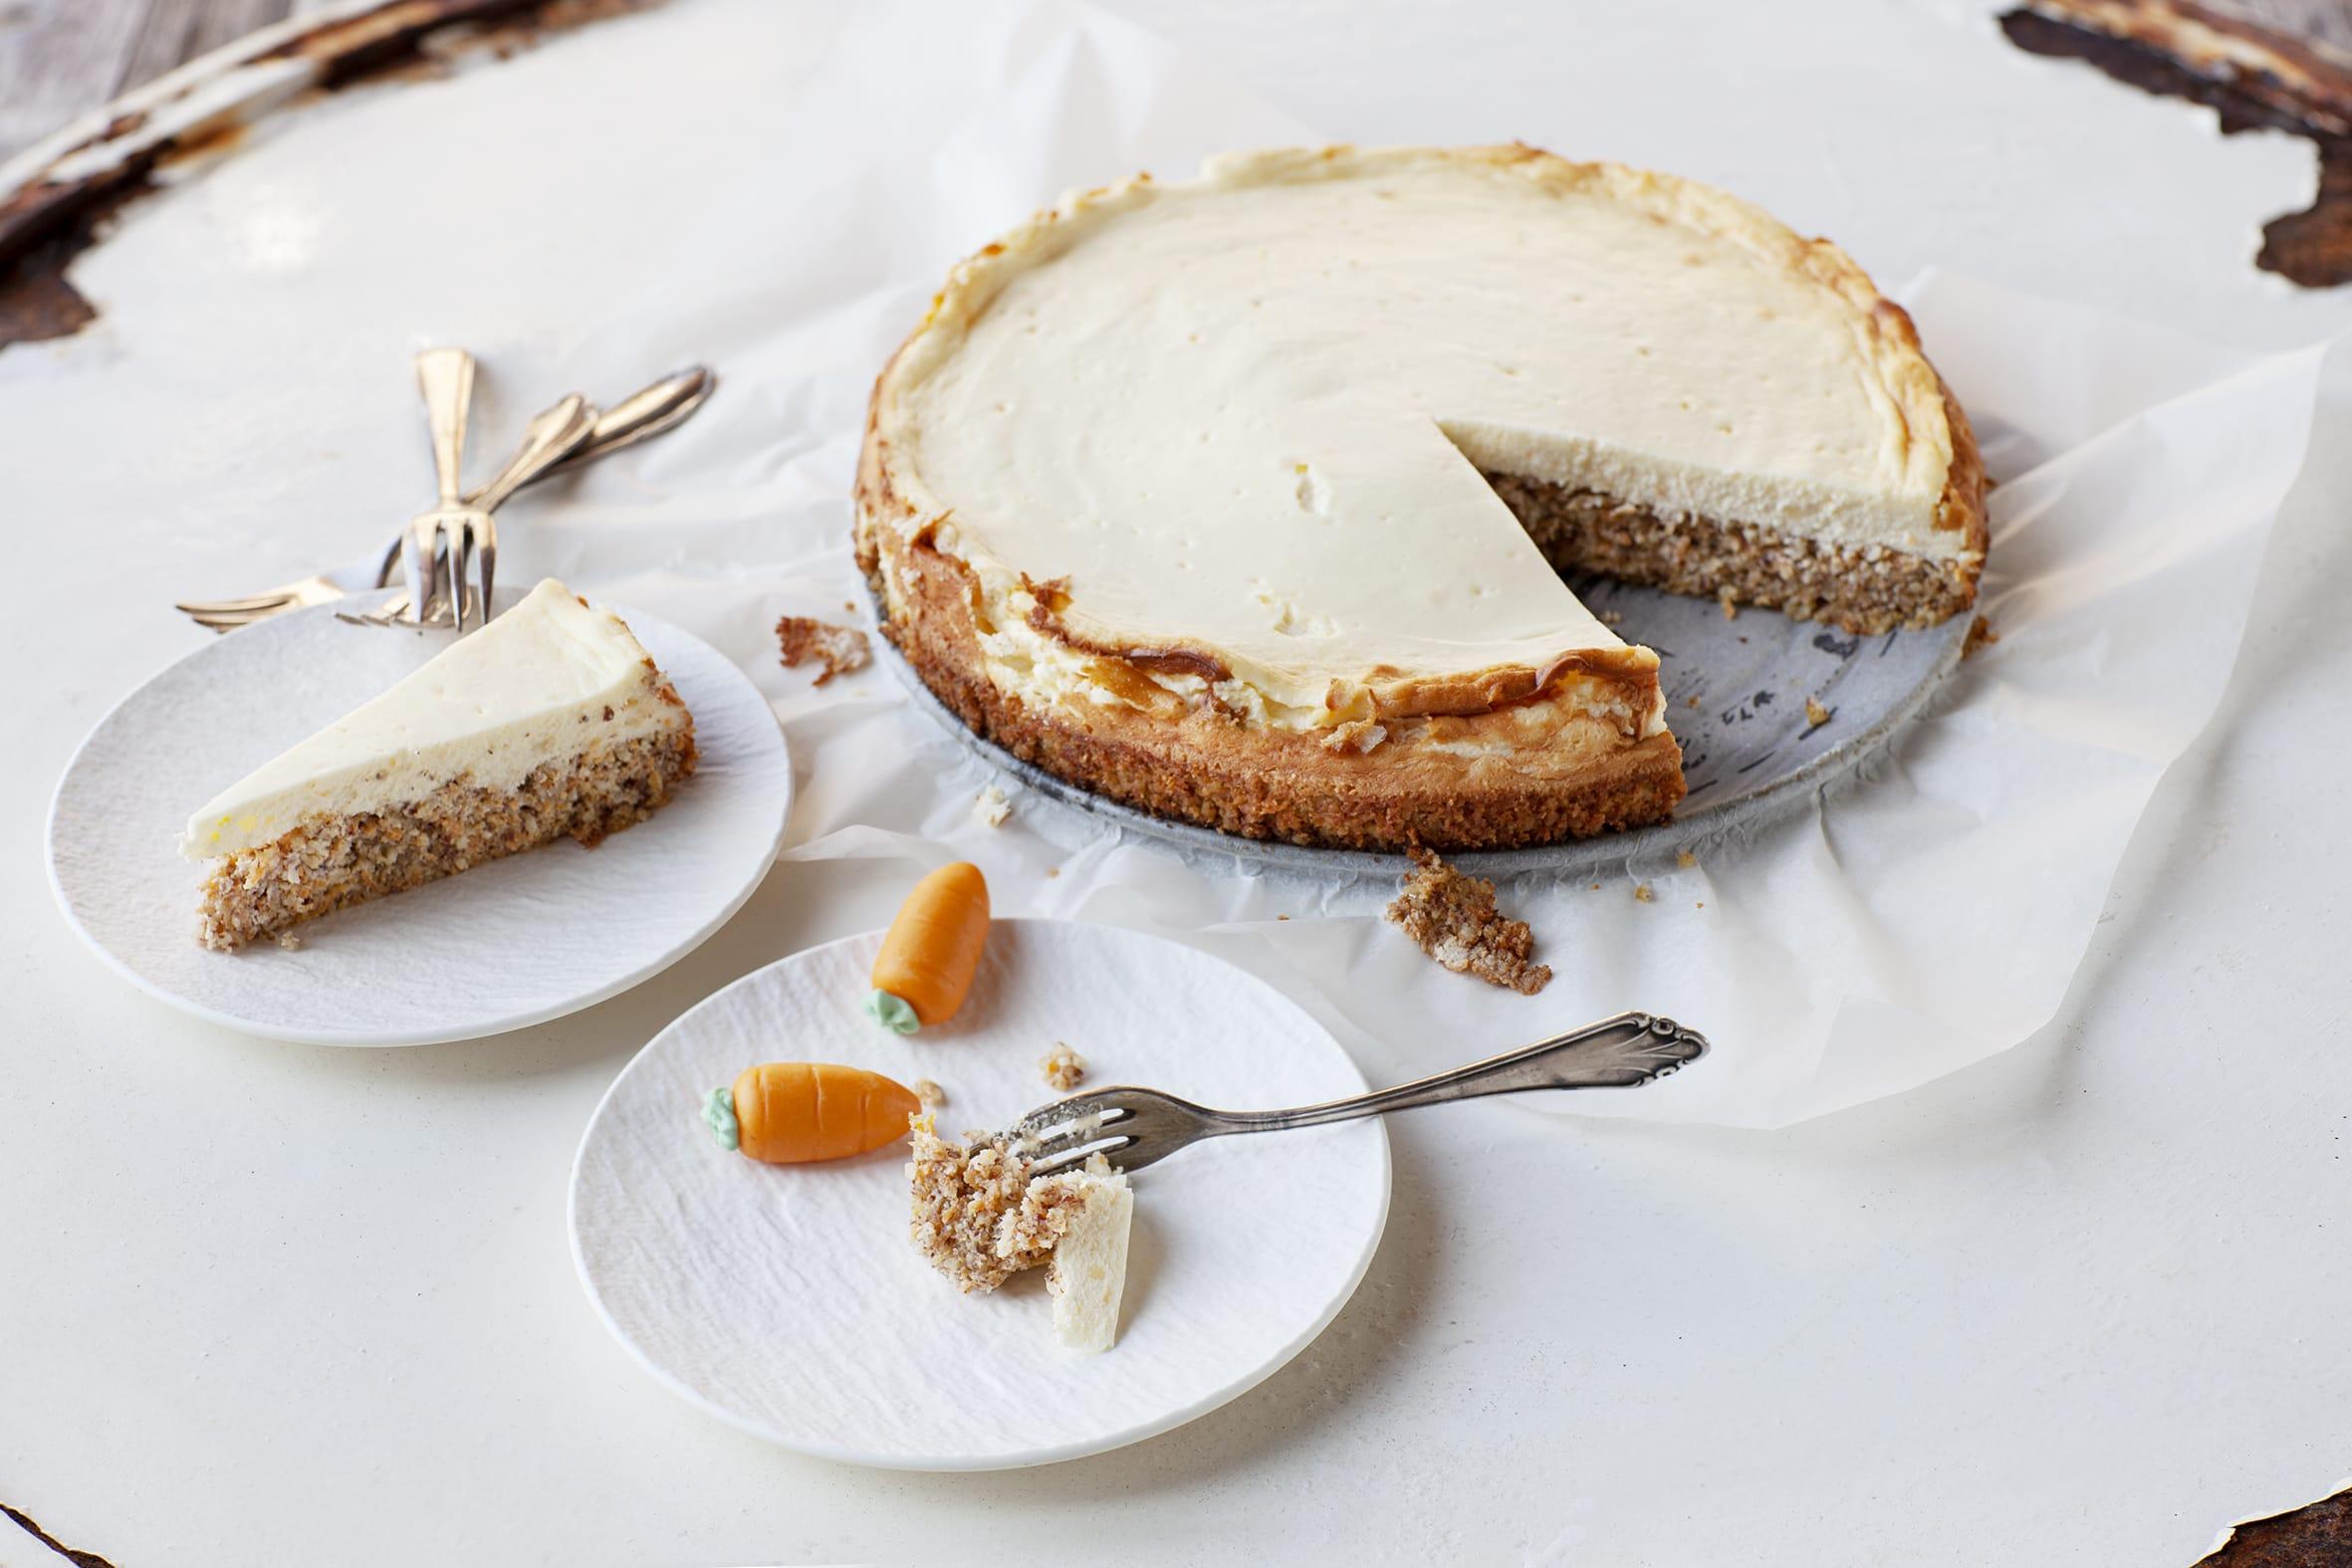 Cheesecake à la carotte